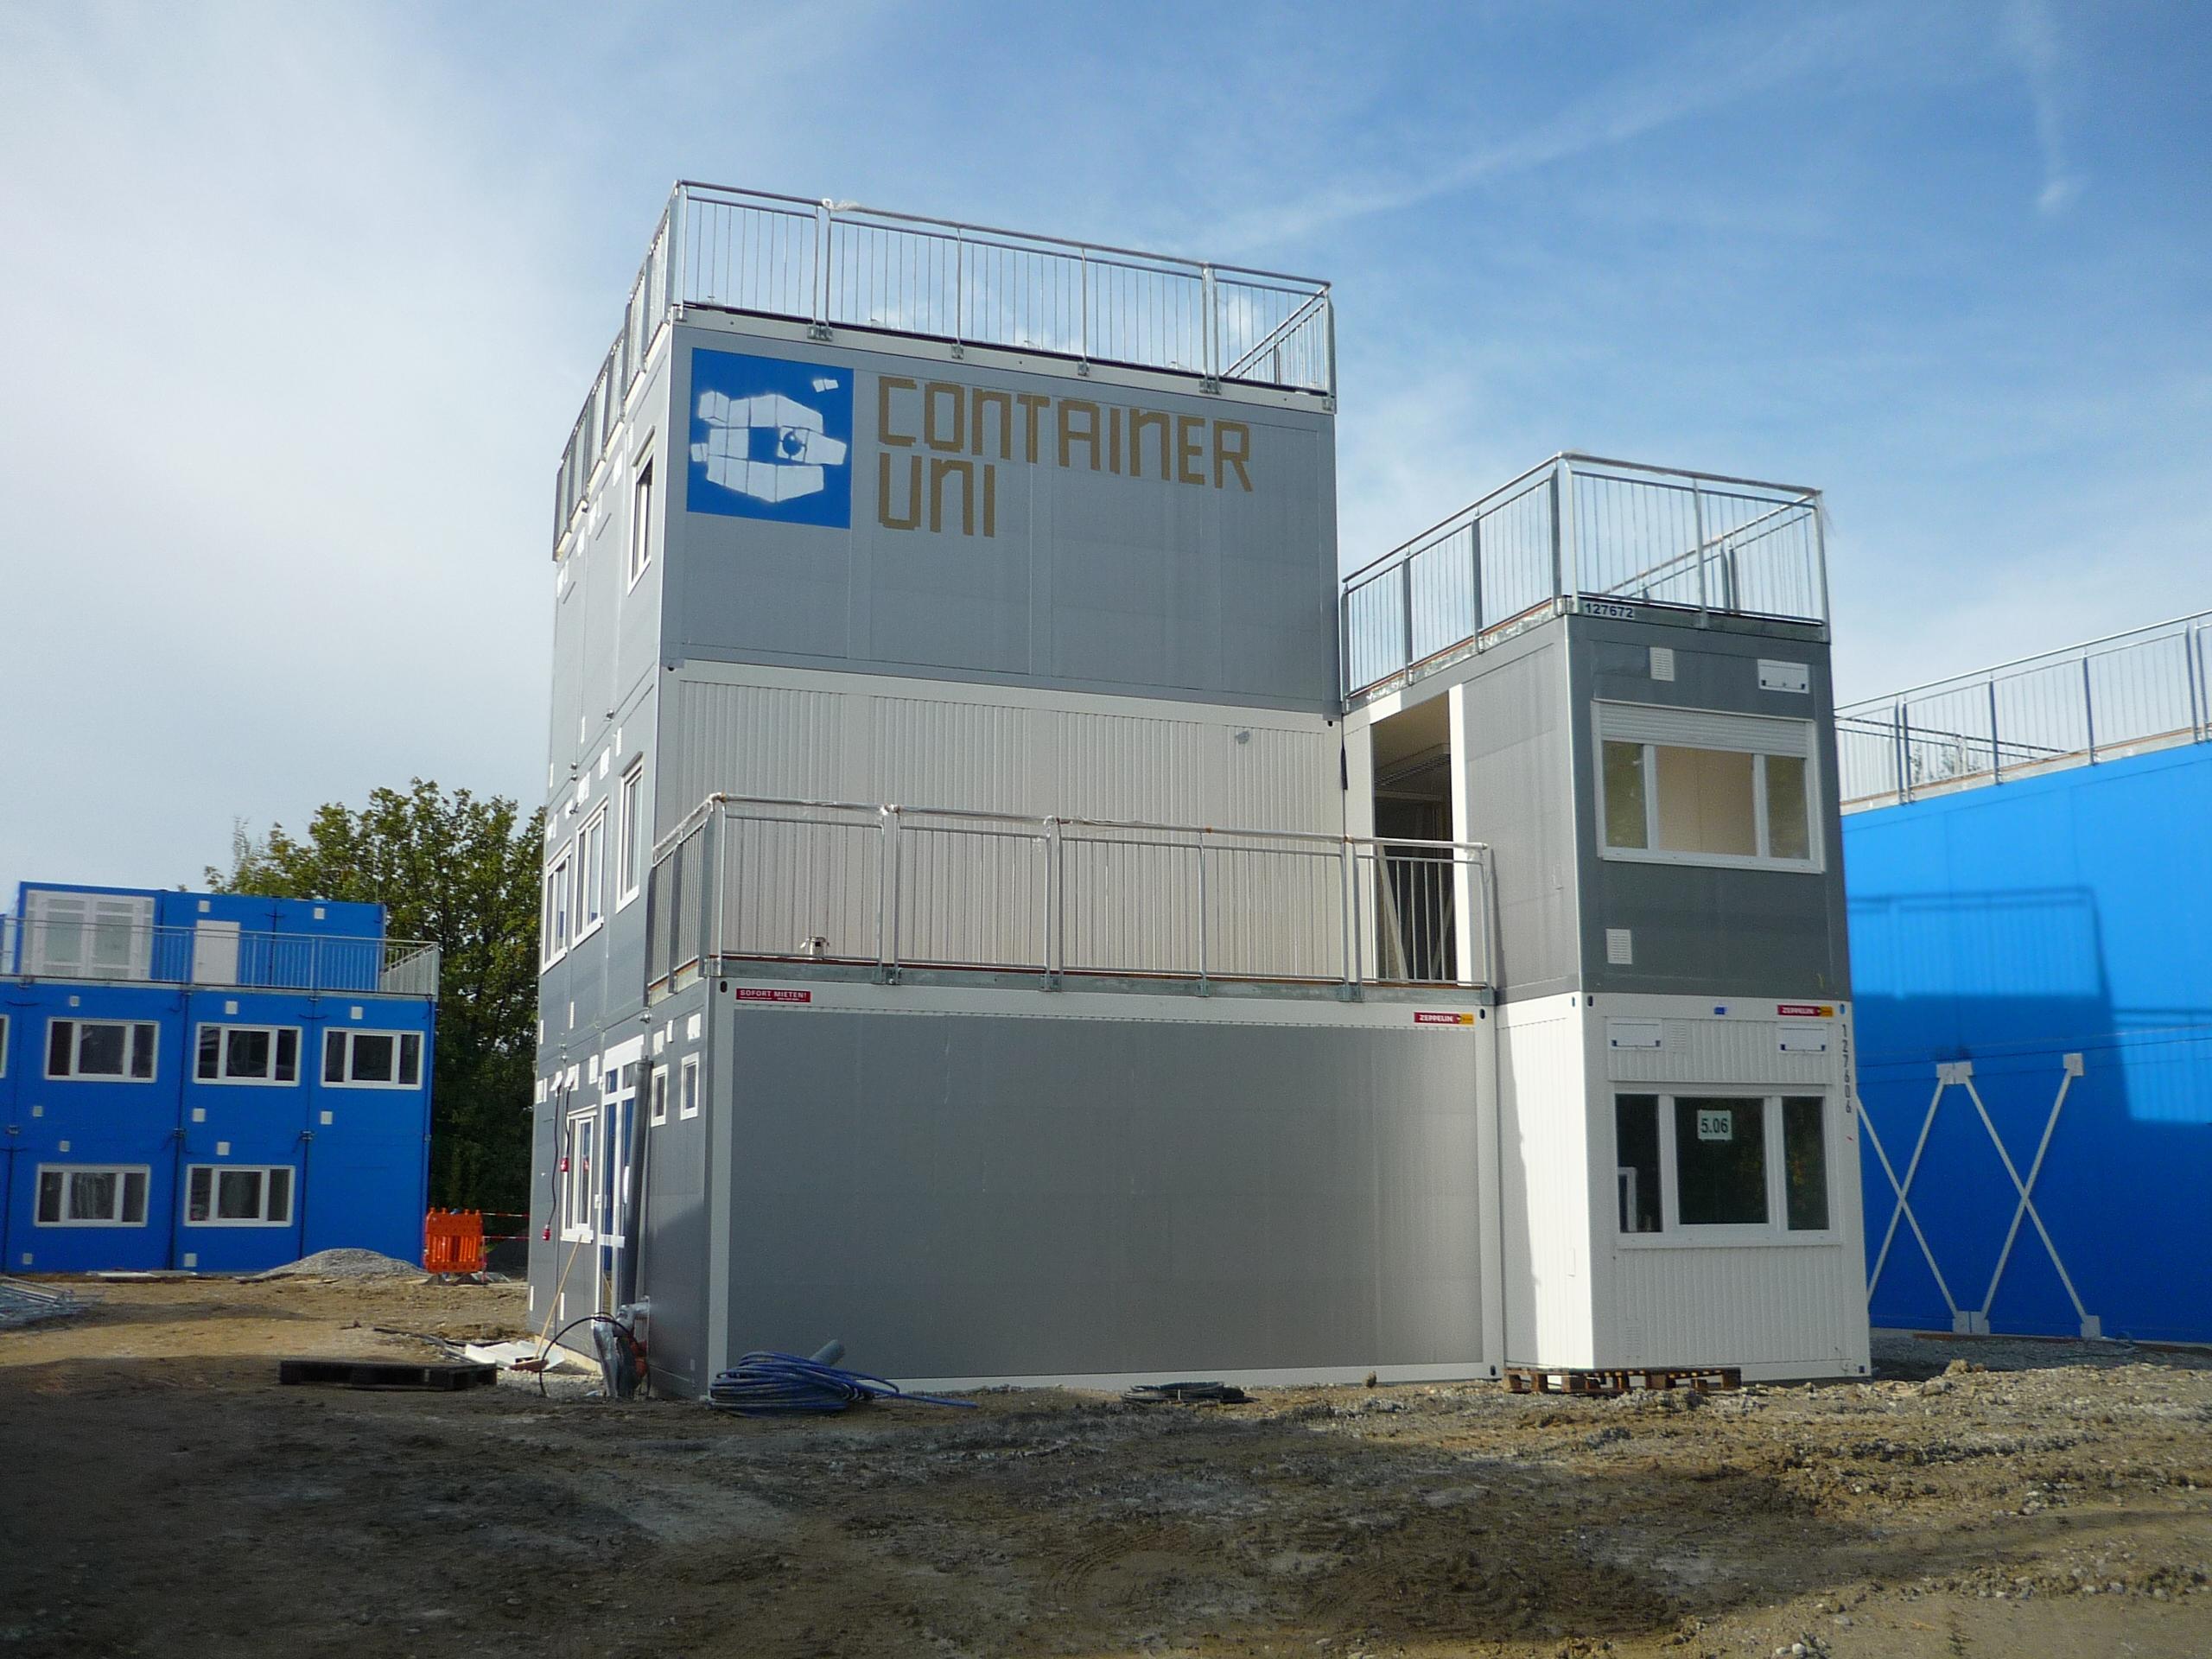 Containeruni 15. Oktober 2012